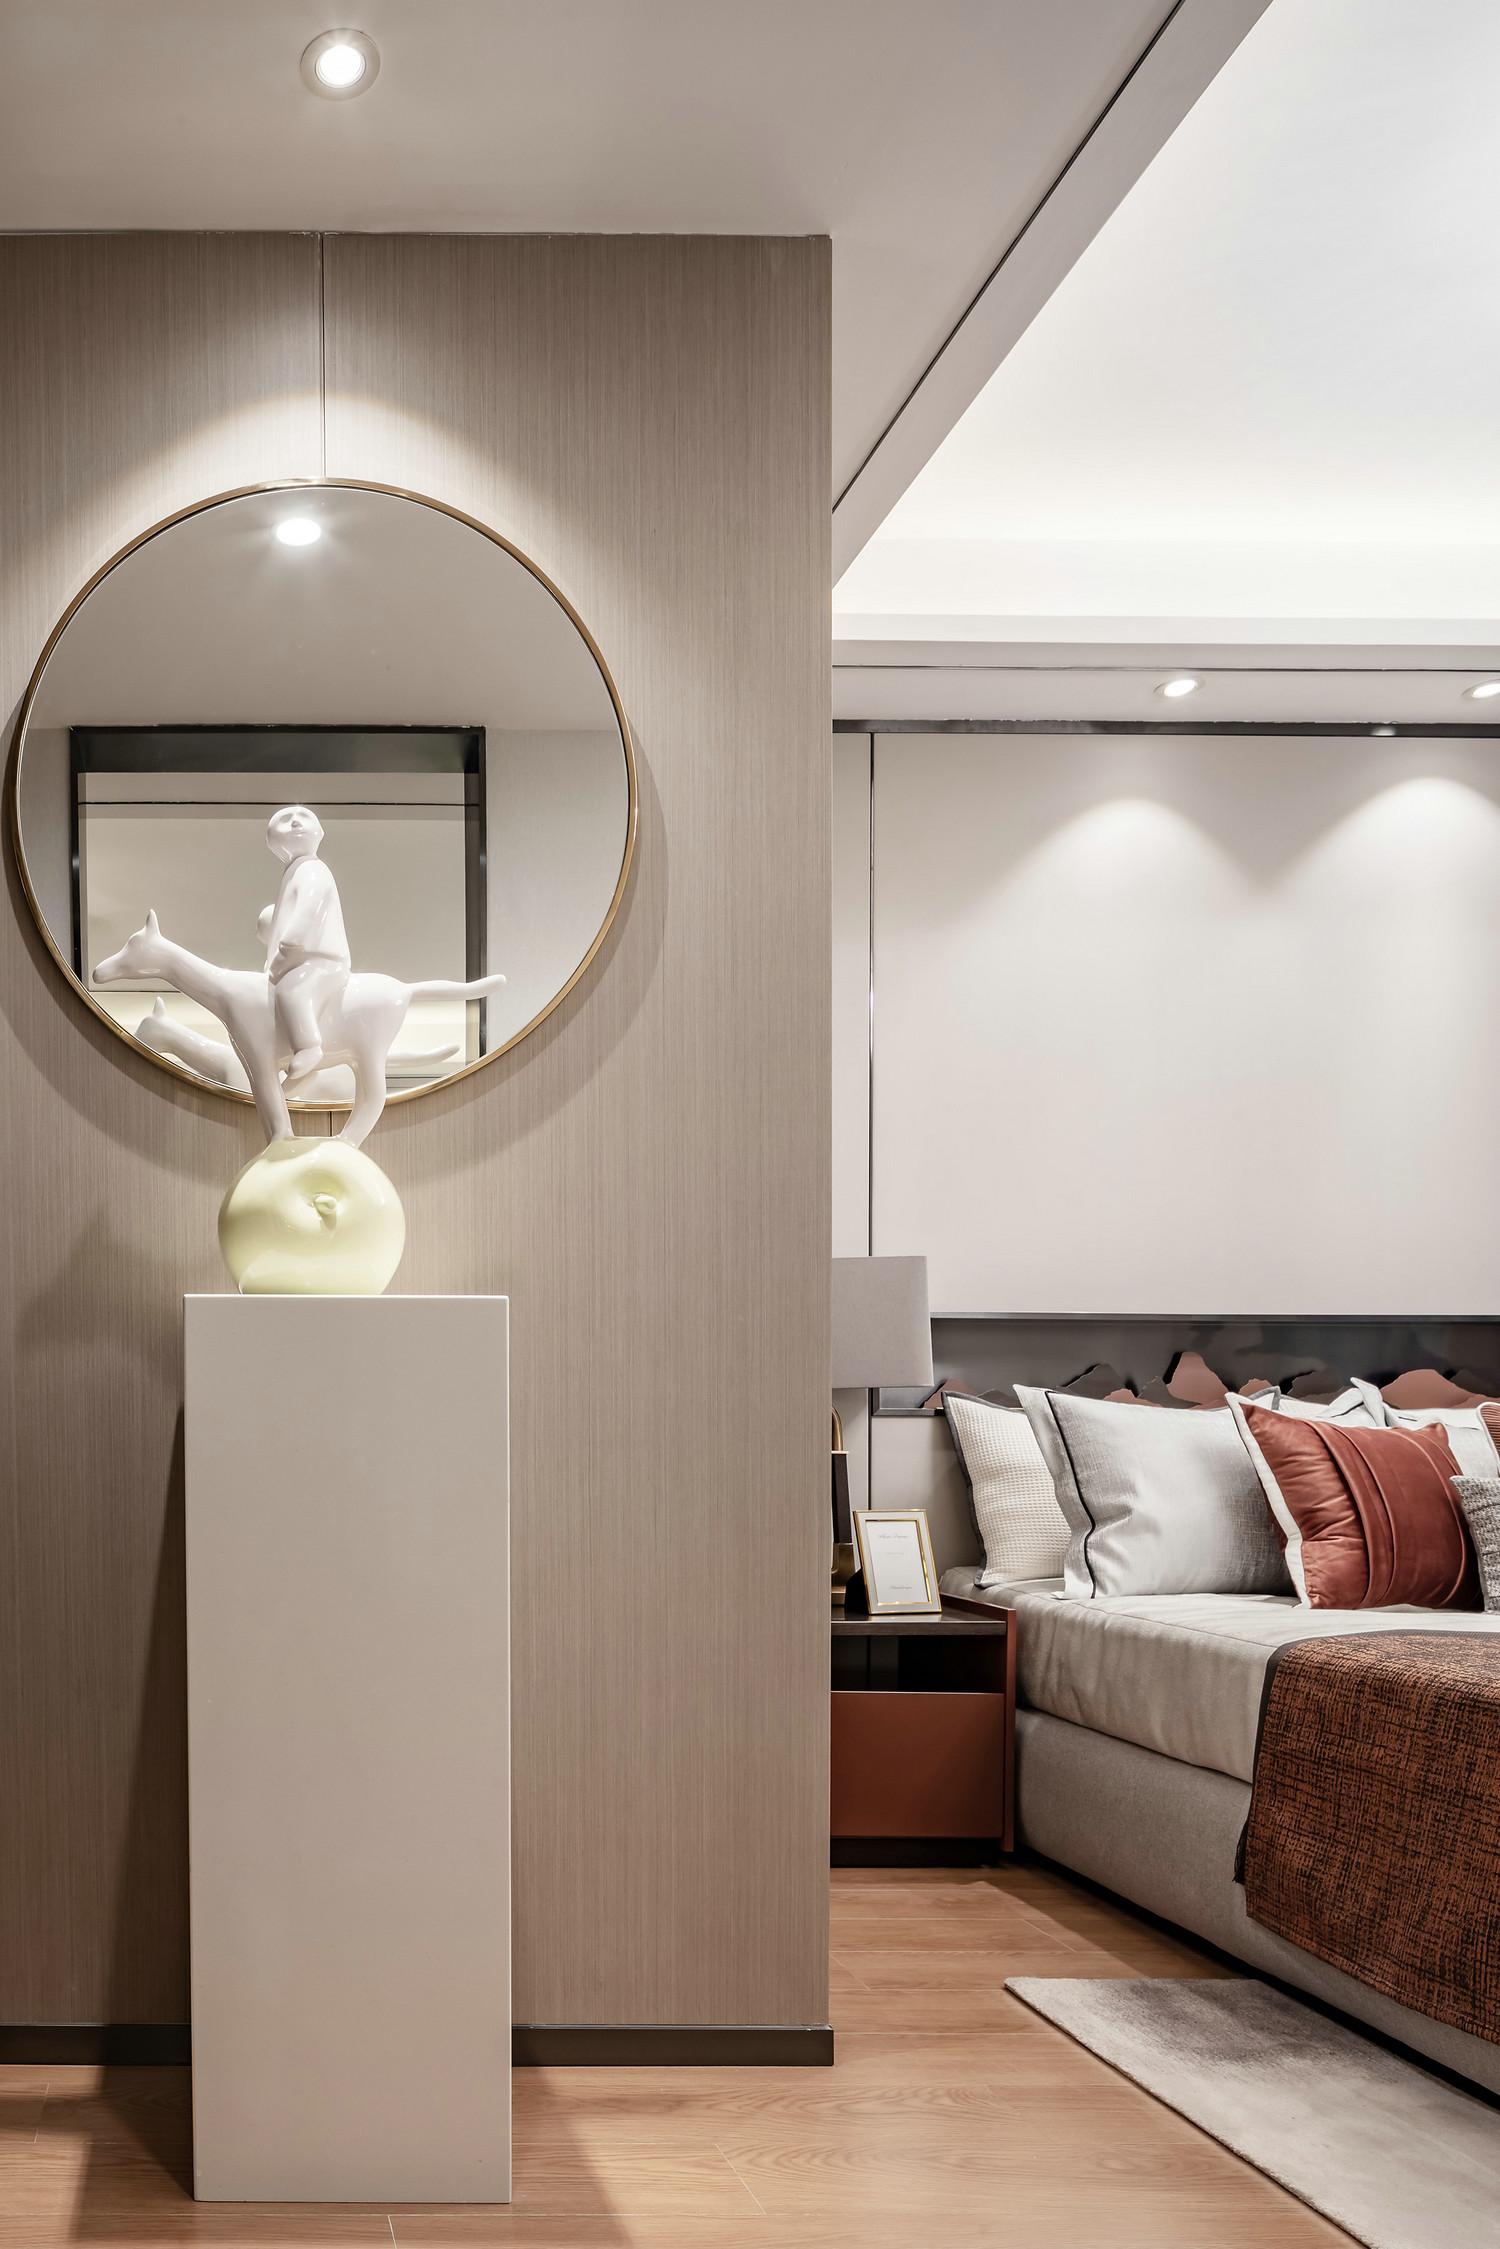 从门口望向主卧,也能感觉到舒适与时尚,门口设计了圆形镜子,实用与装饰性能十足。